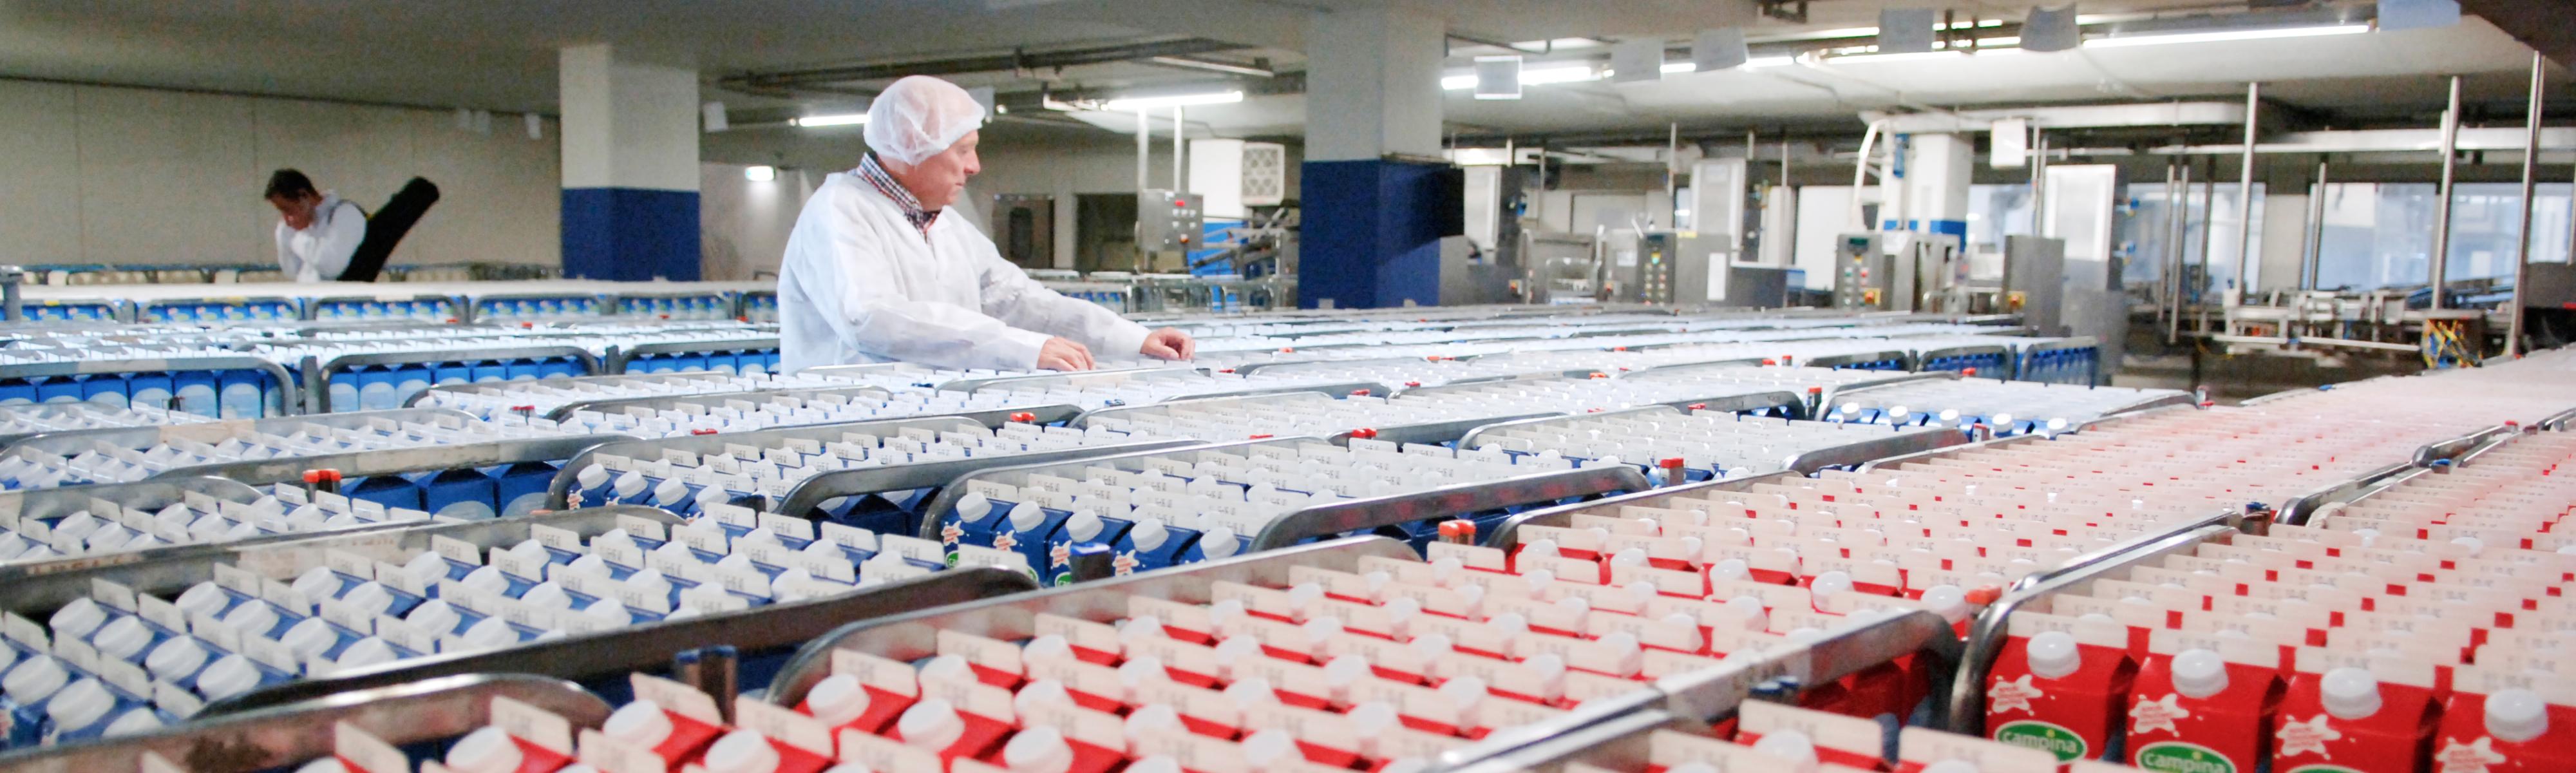 Medewerker tussen de melkpakken in de melkfabriek